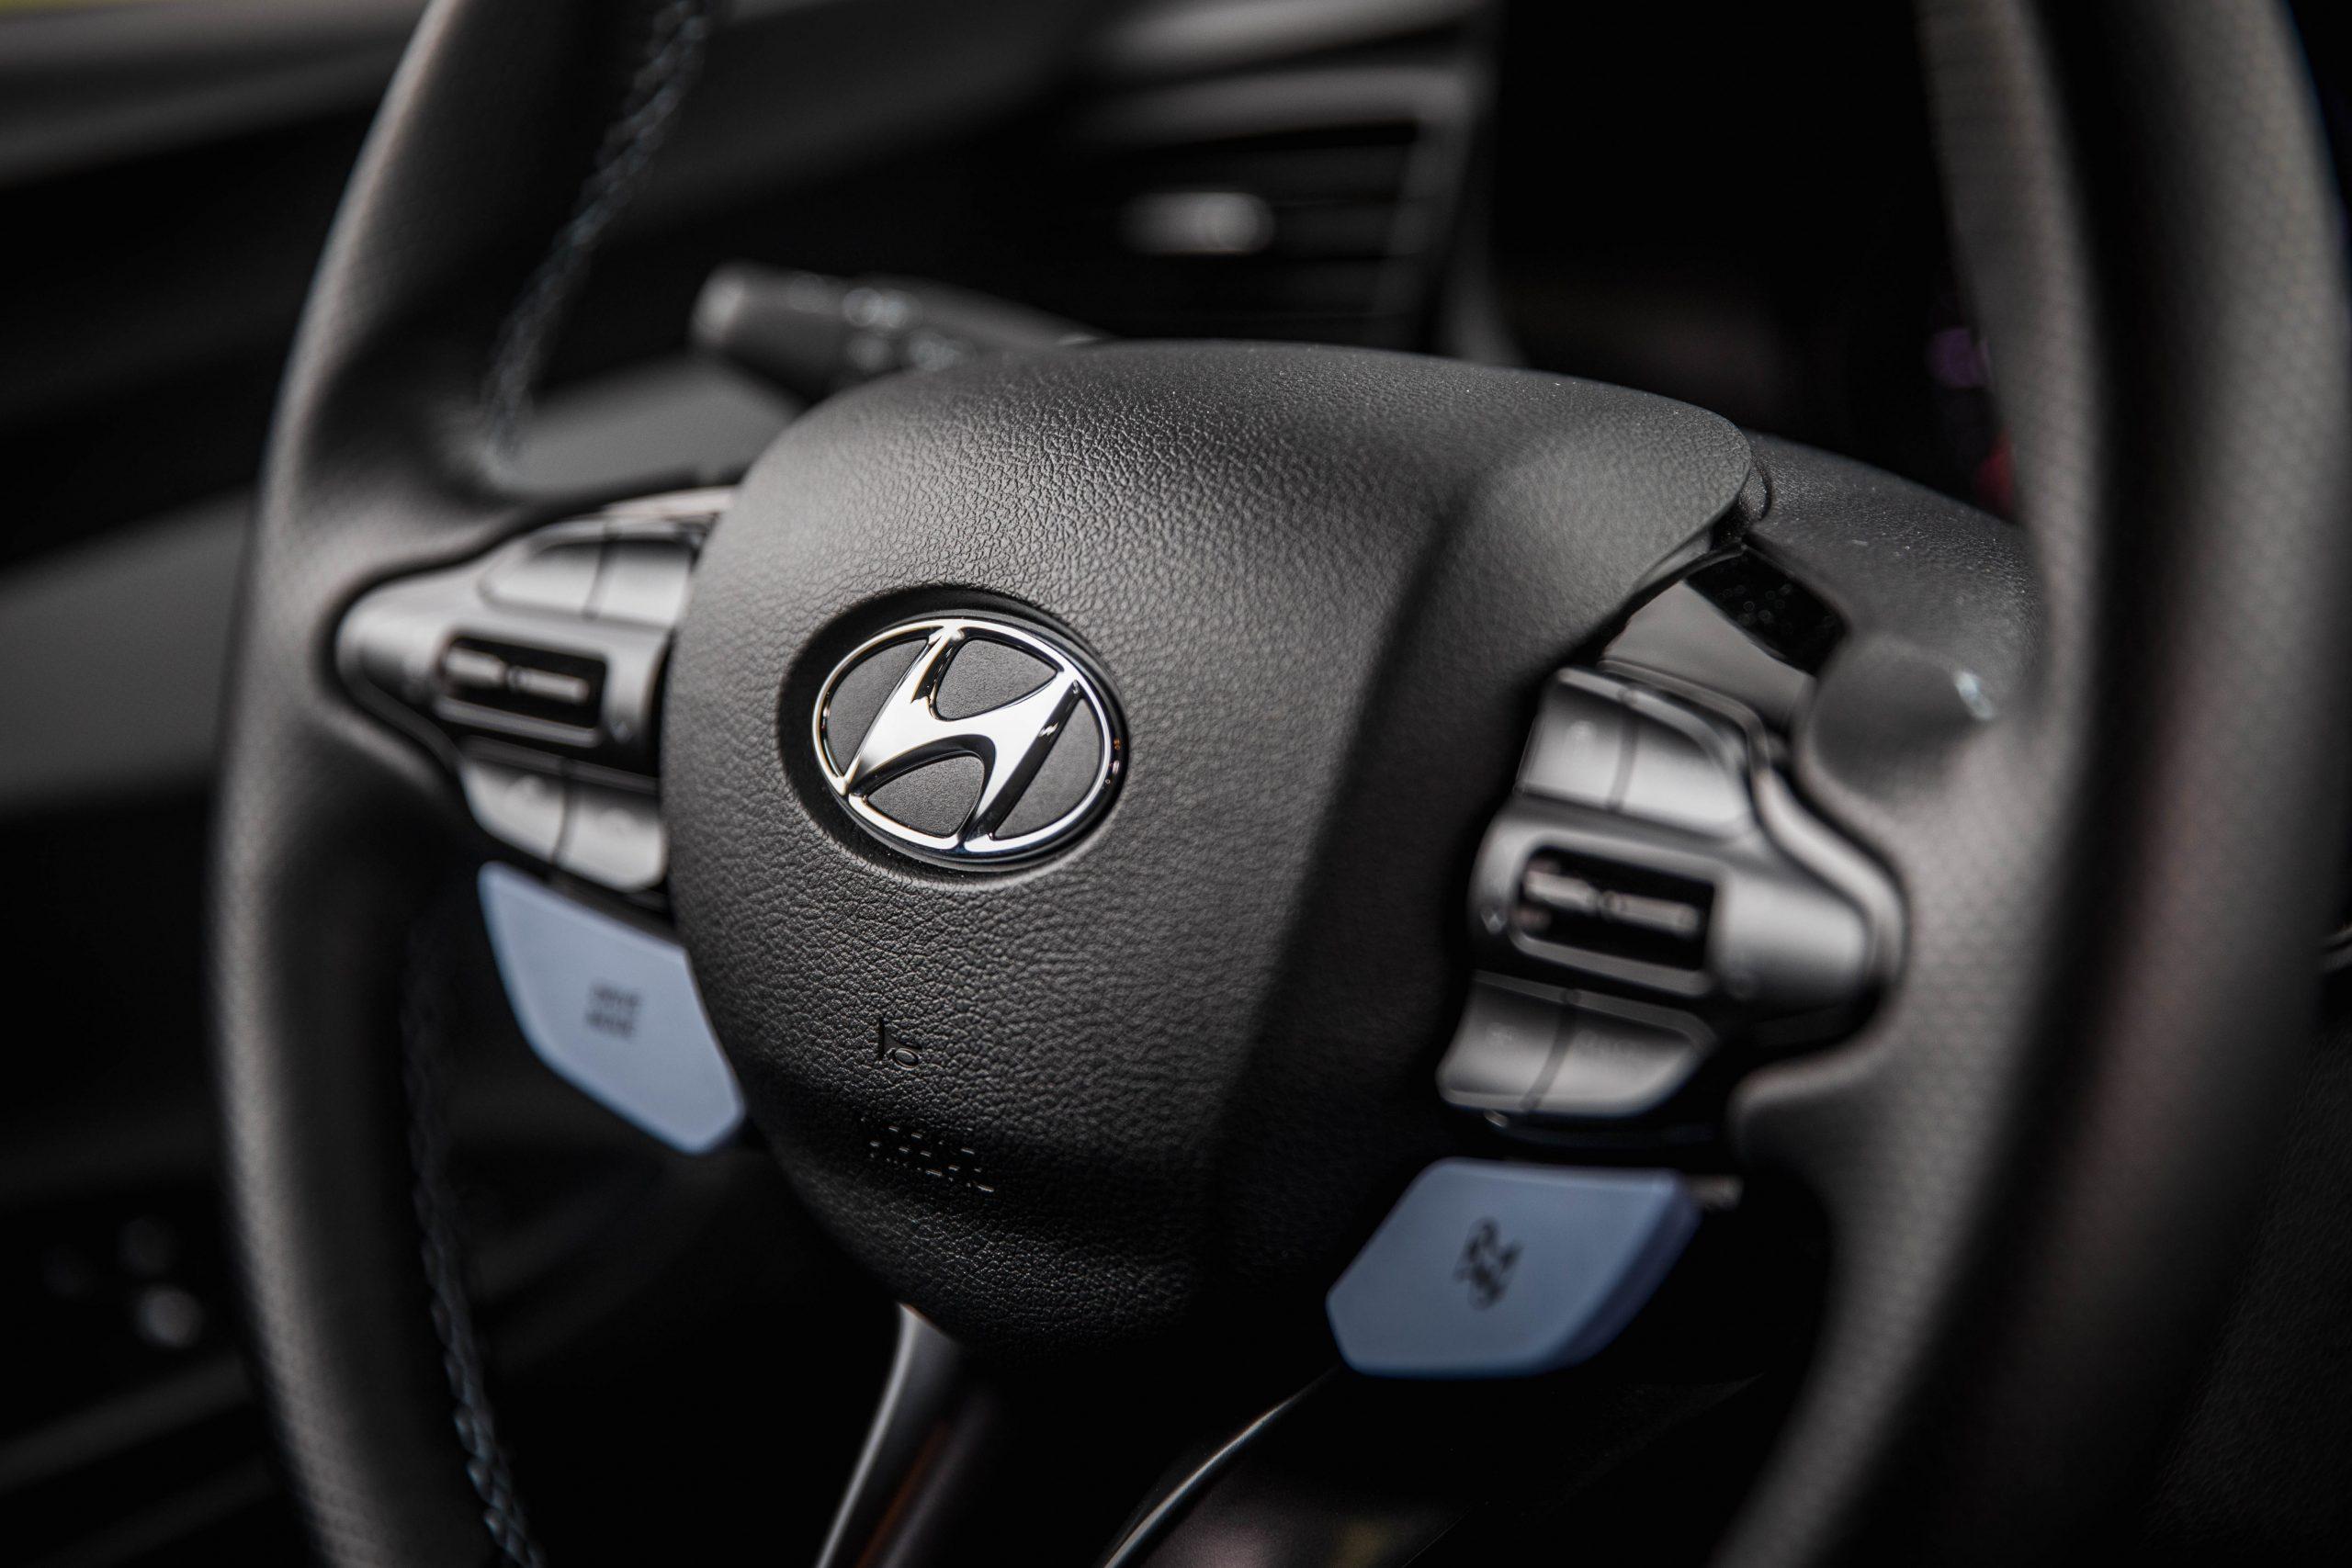 2020 Hyundai Veloster N steering wheel